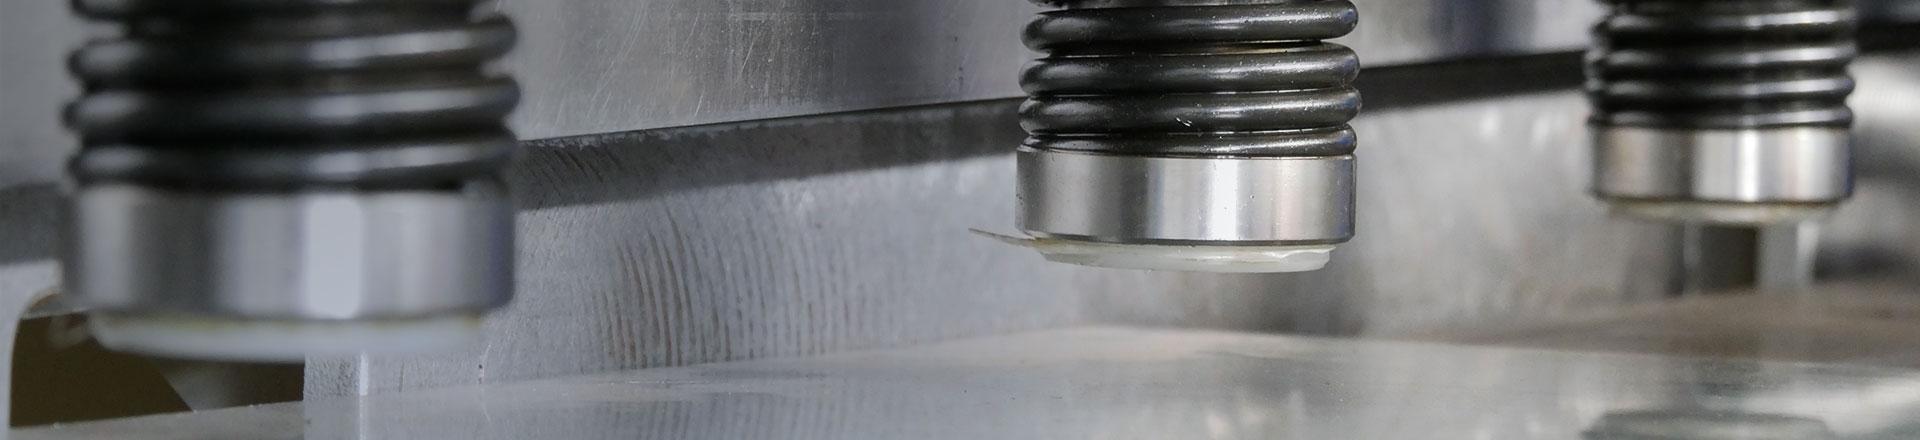 Gebrauchte Tafelscheren zur Blechbearbeitung